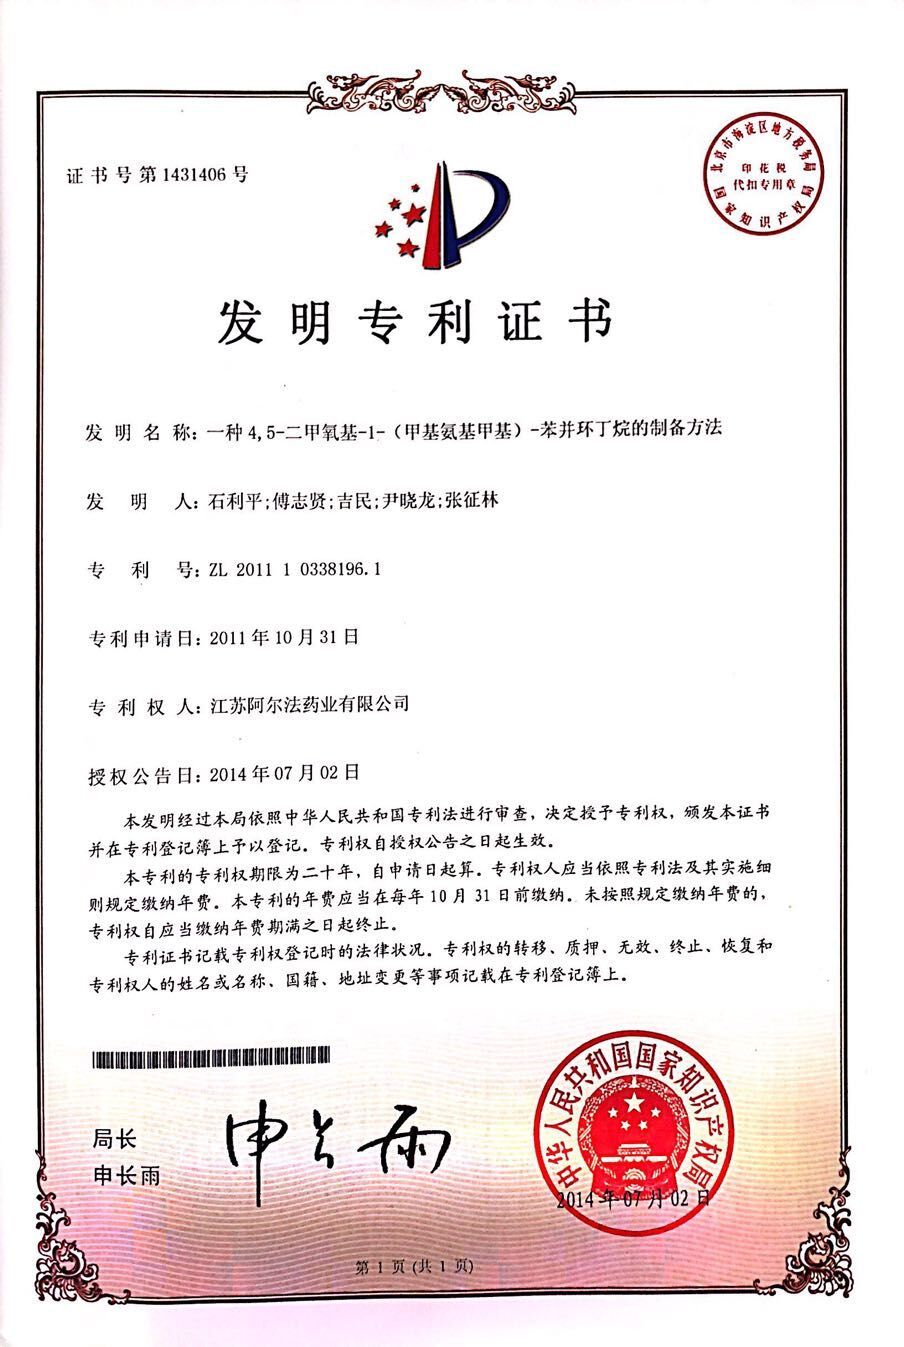 荣誉-专利-7.一种4,5-二甲氧基-1--甲基氨基甲基-苯并环丁烷的制备方法